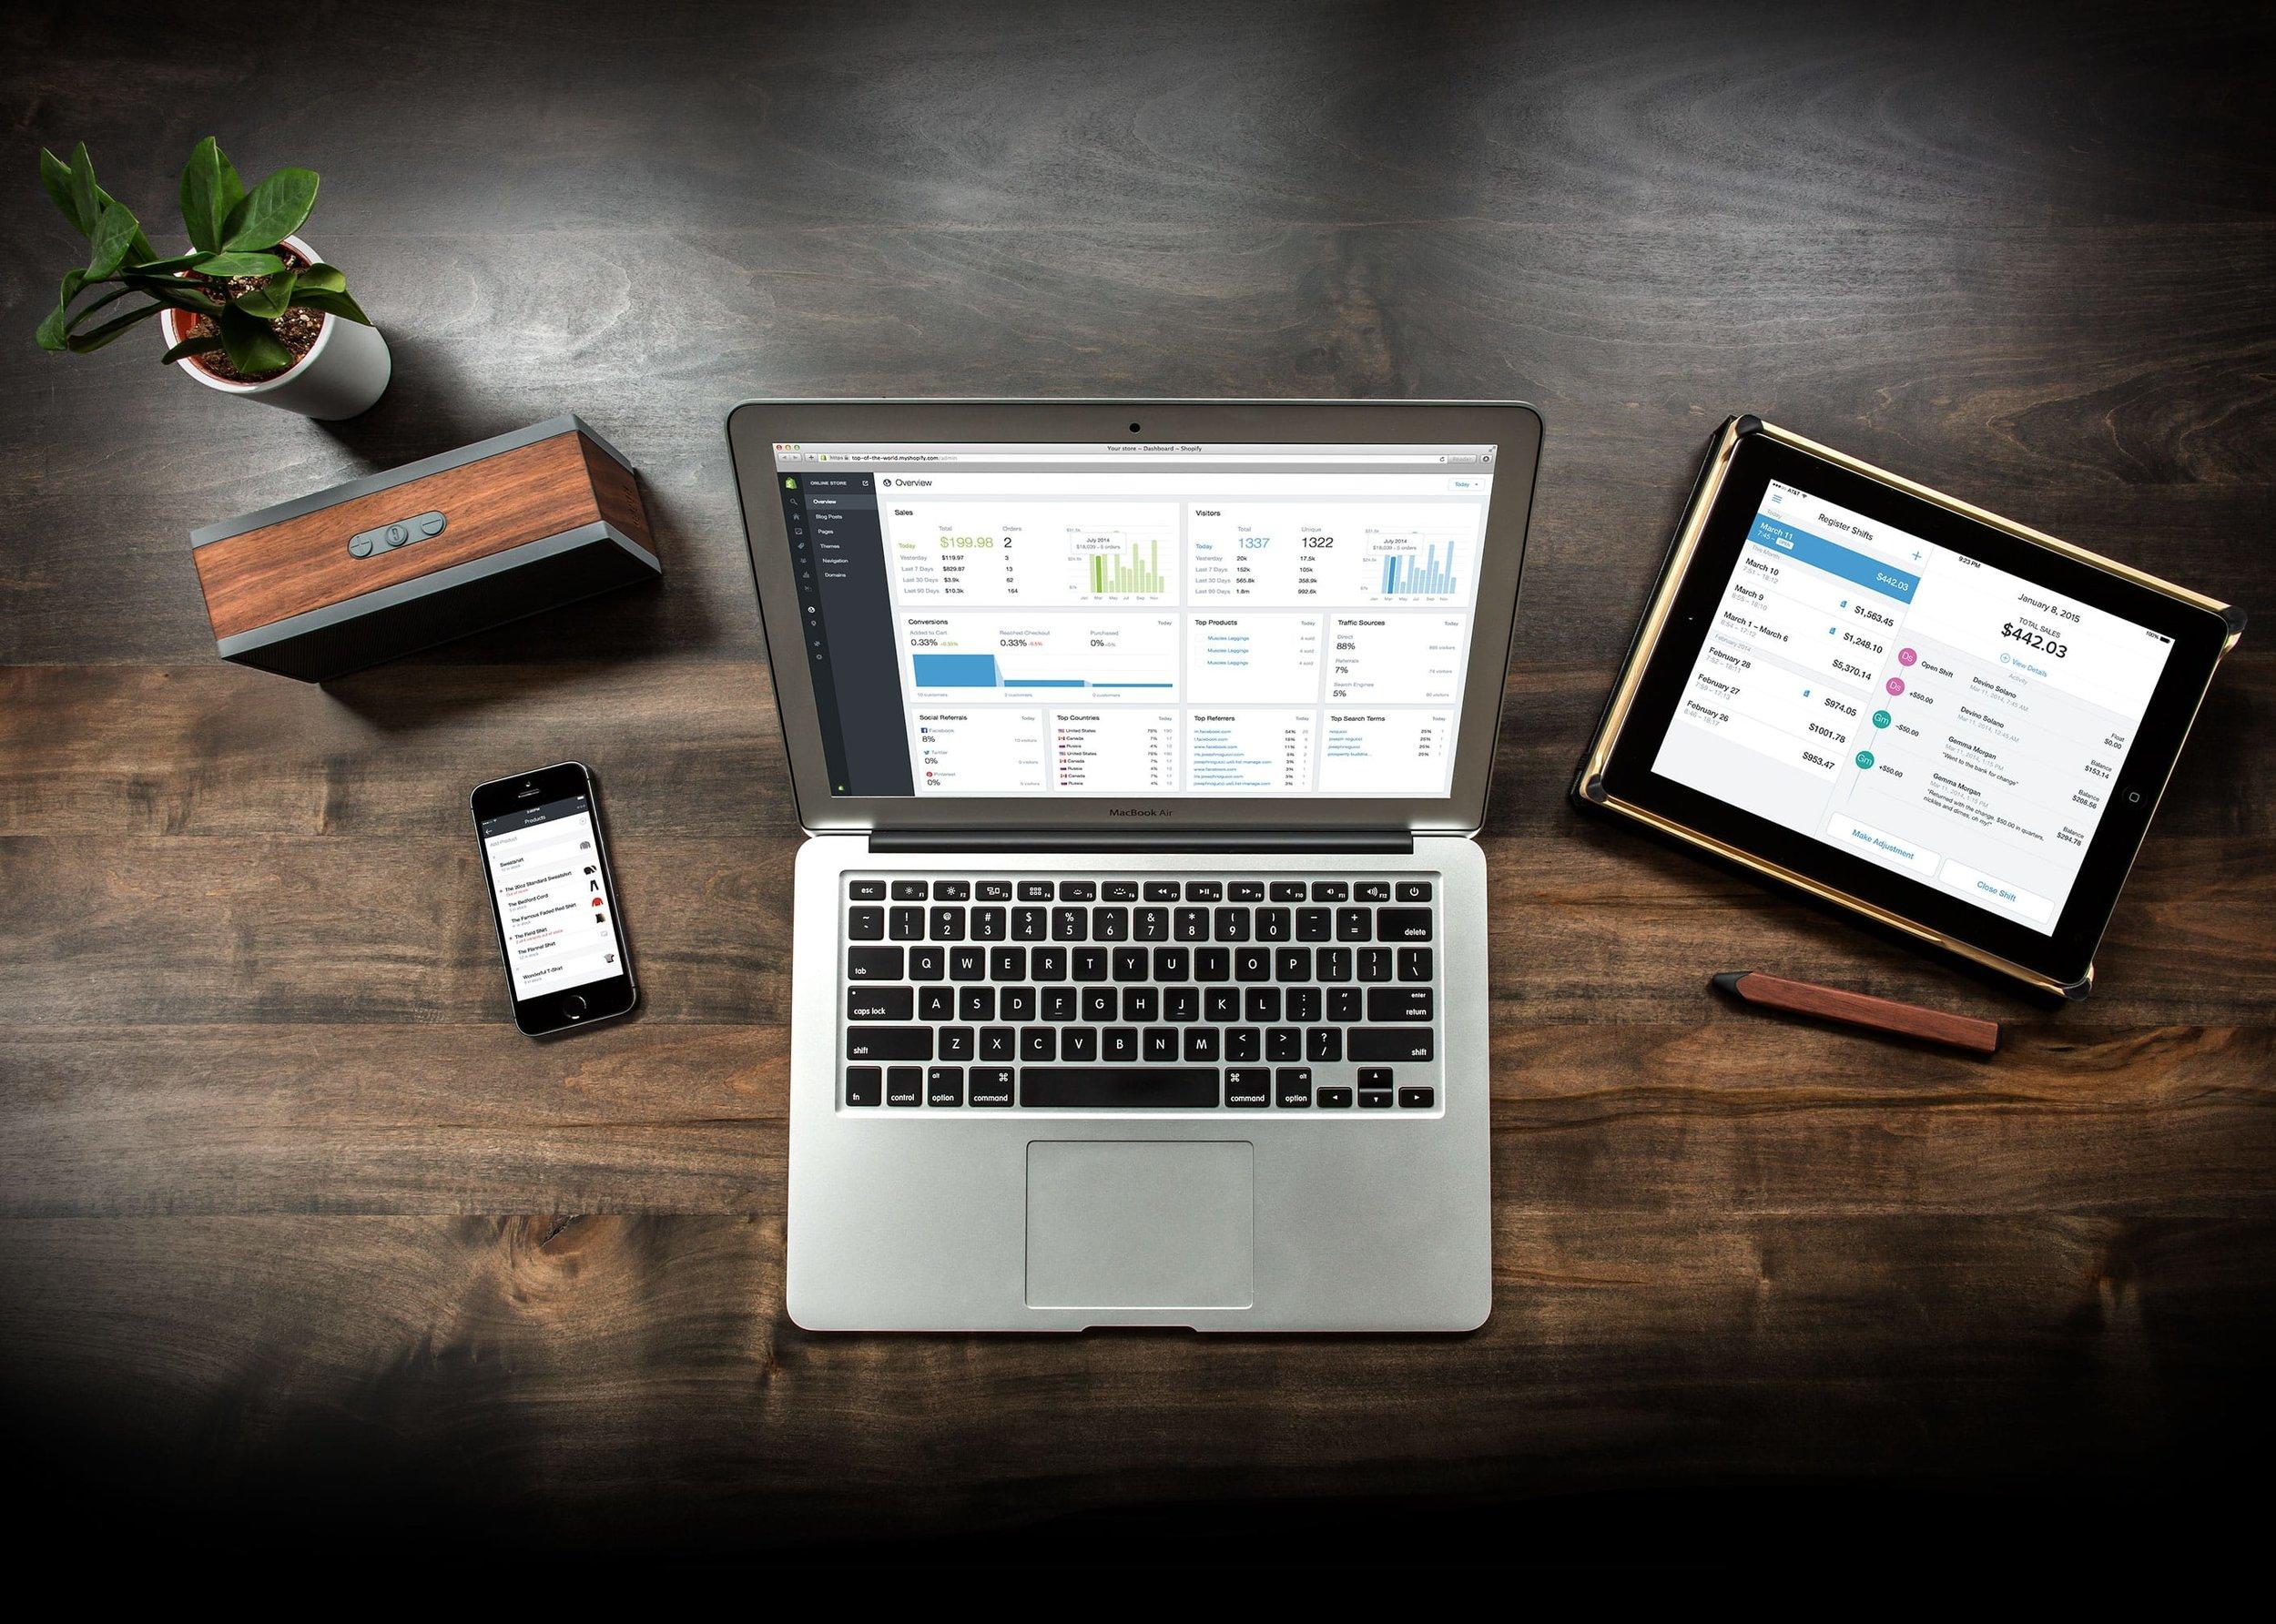 نظام ولوحة تحكم واحدة للإدارة تجارتك الالكترونية ومشروعك بالكامل -